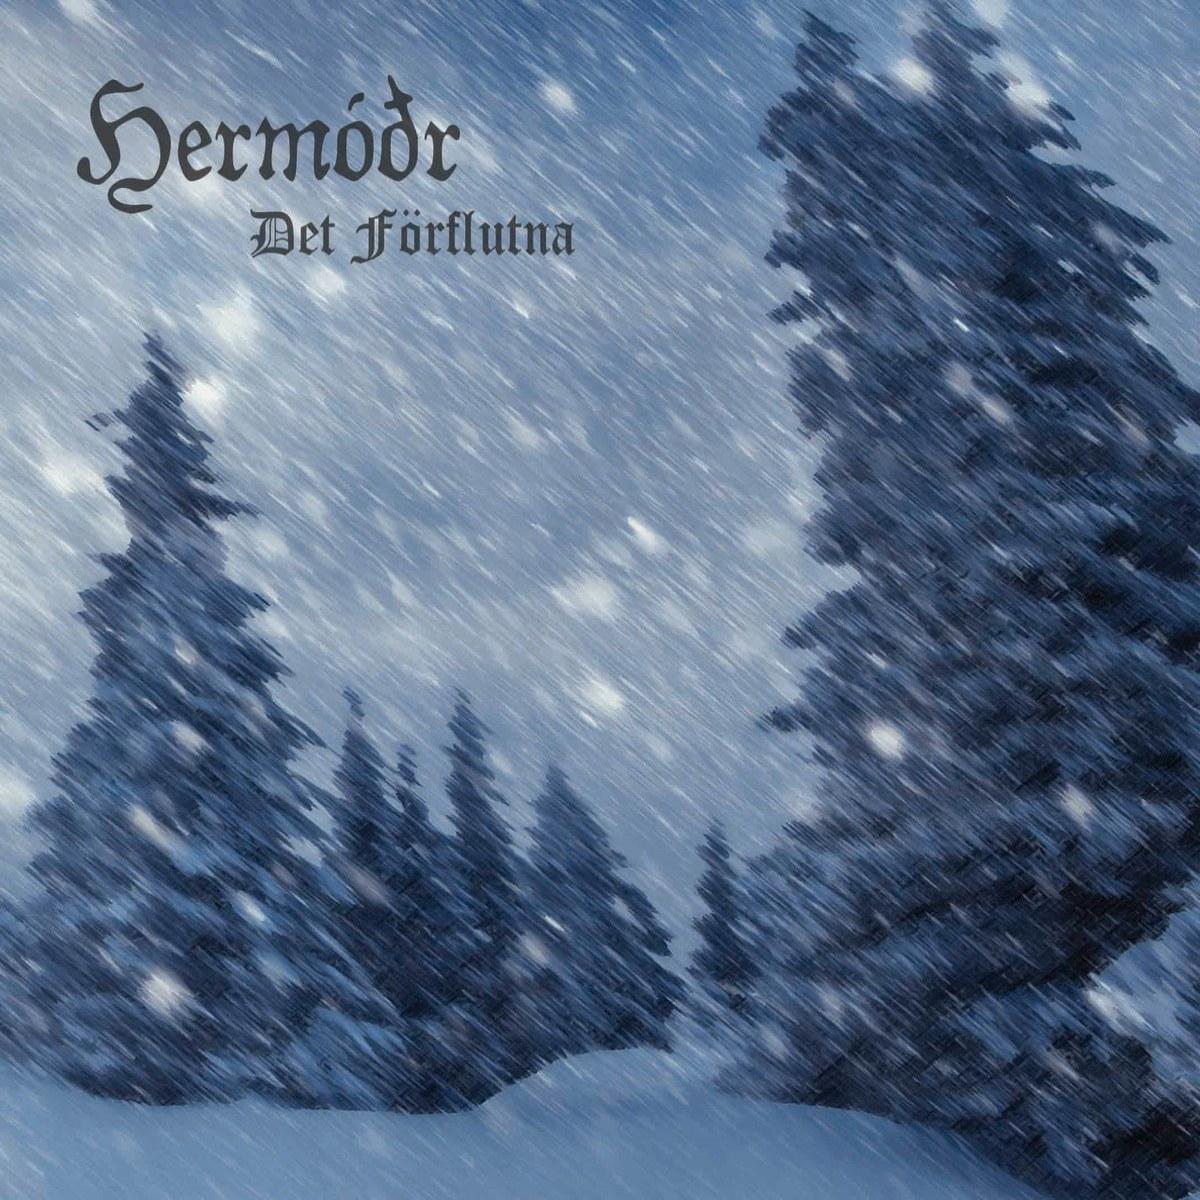 Reviews for Hermóðr - Det Förflutna